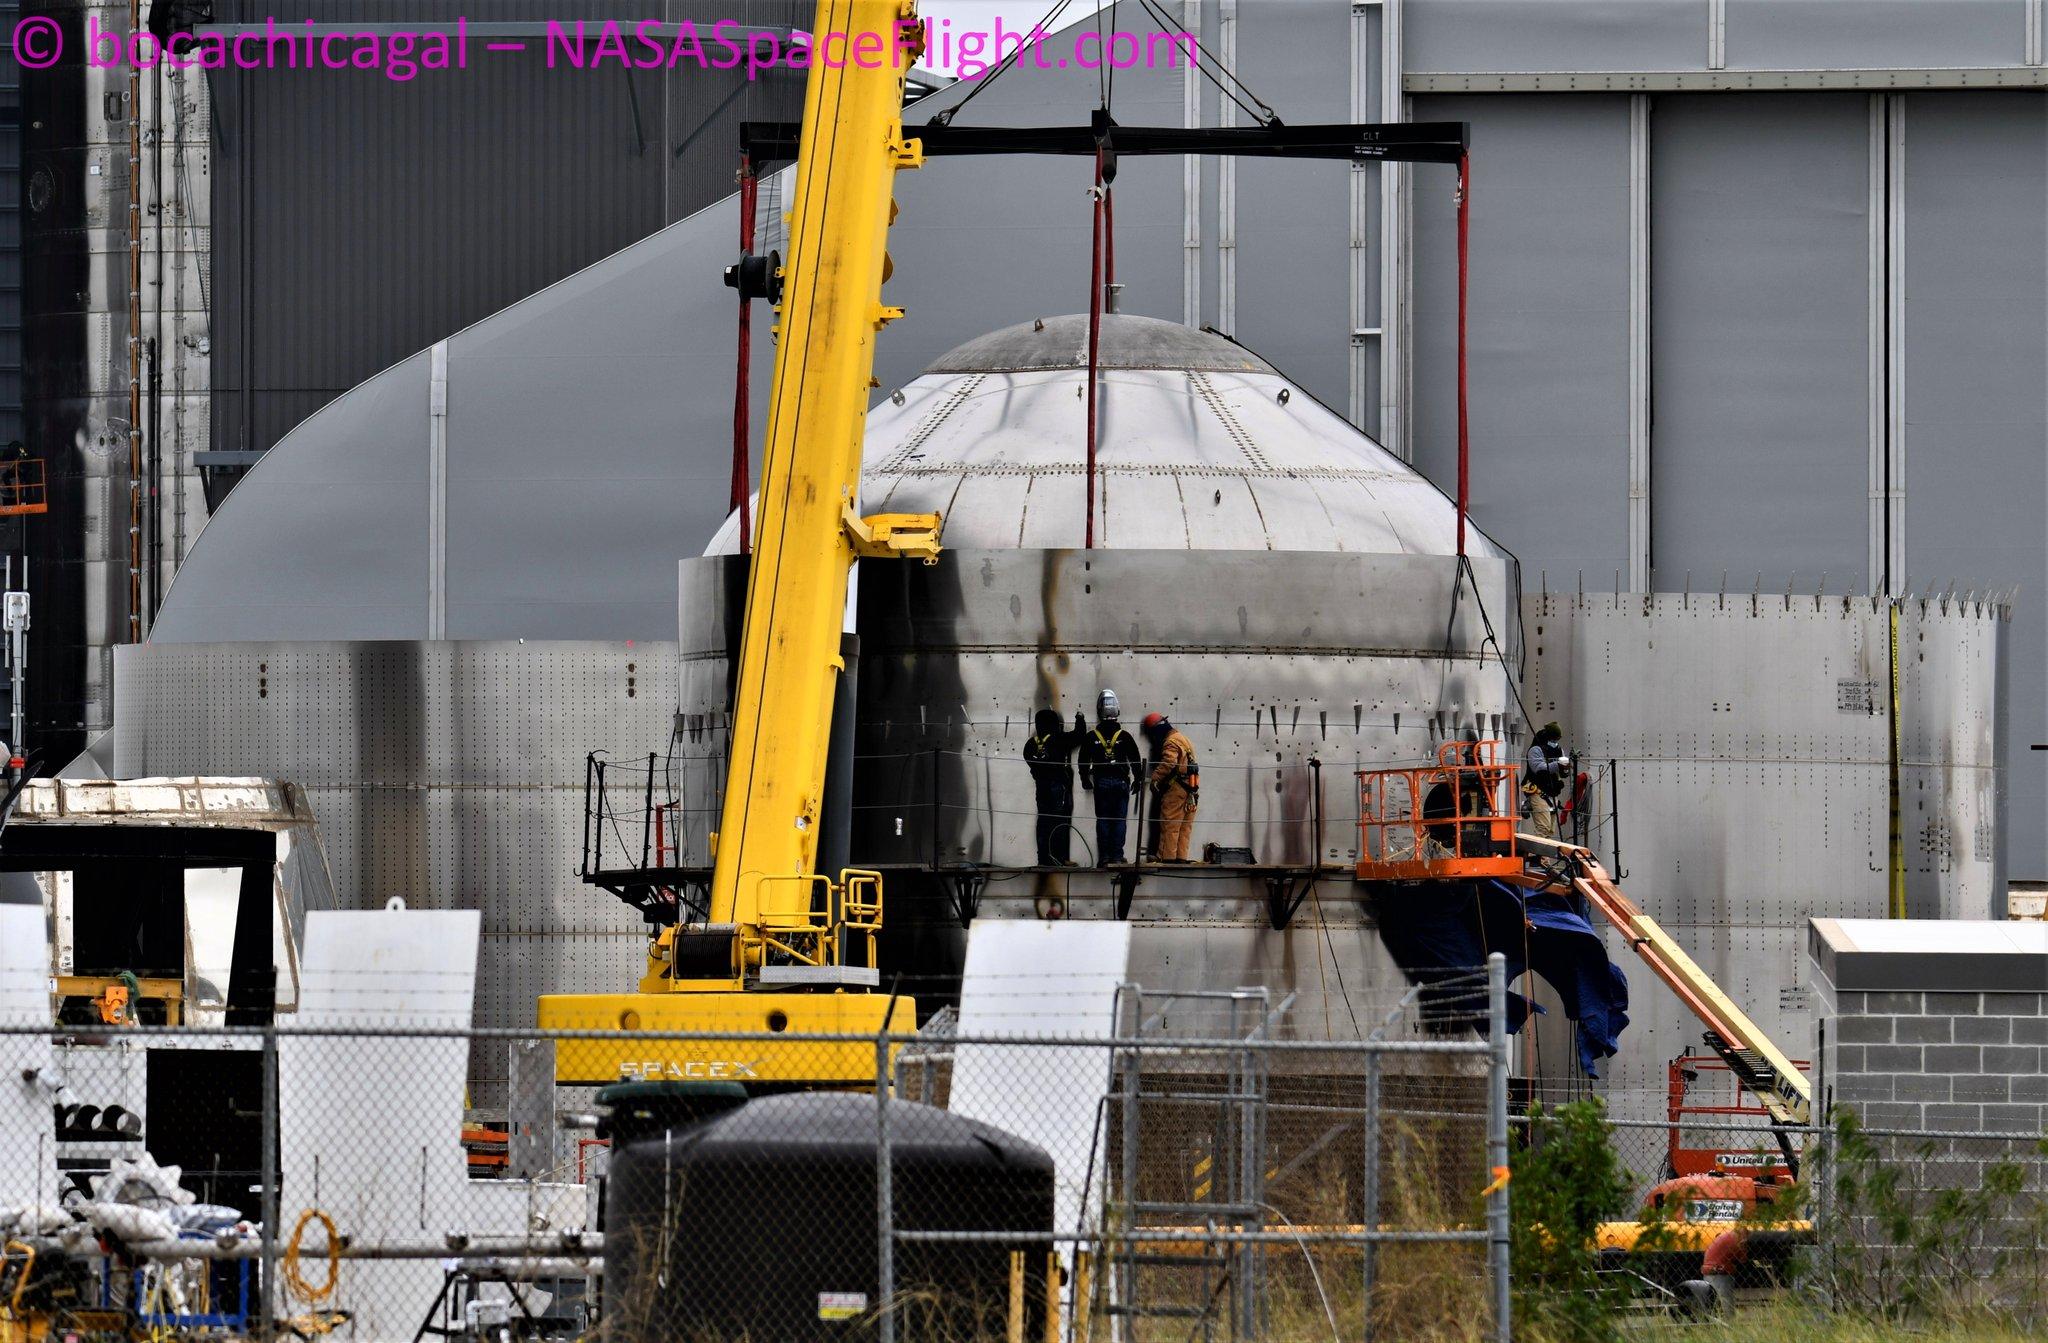 Starship SN7.2 (Boca Chica) ErkD4vpVgAAazjF?format=jpg&name=large